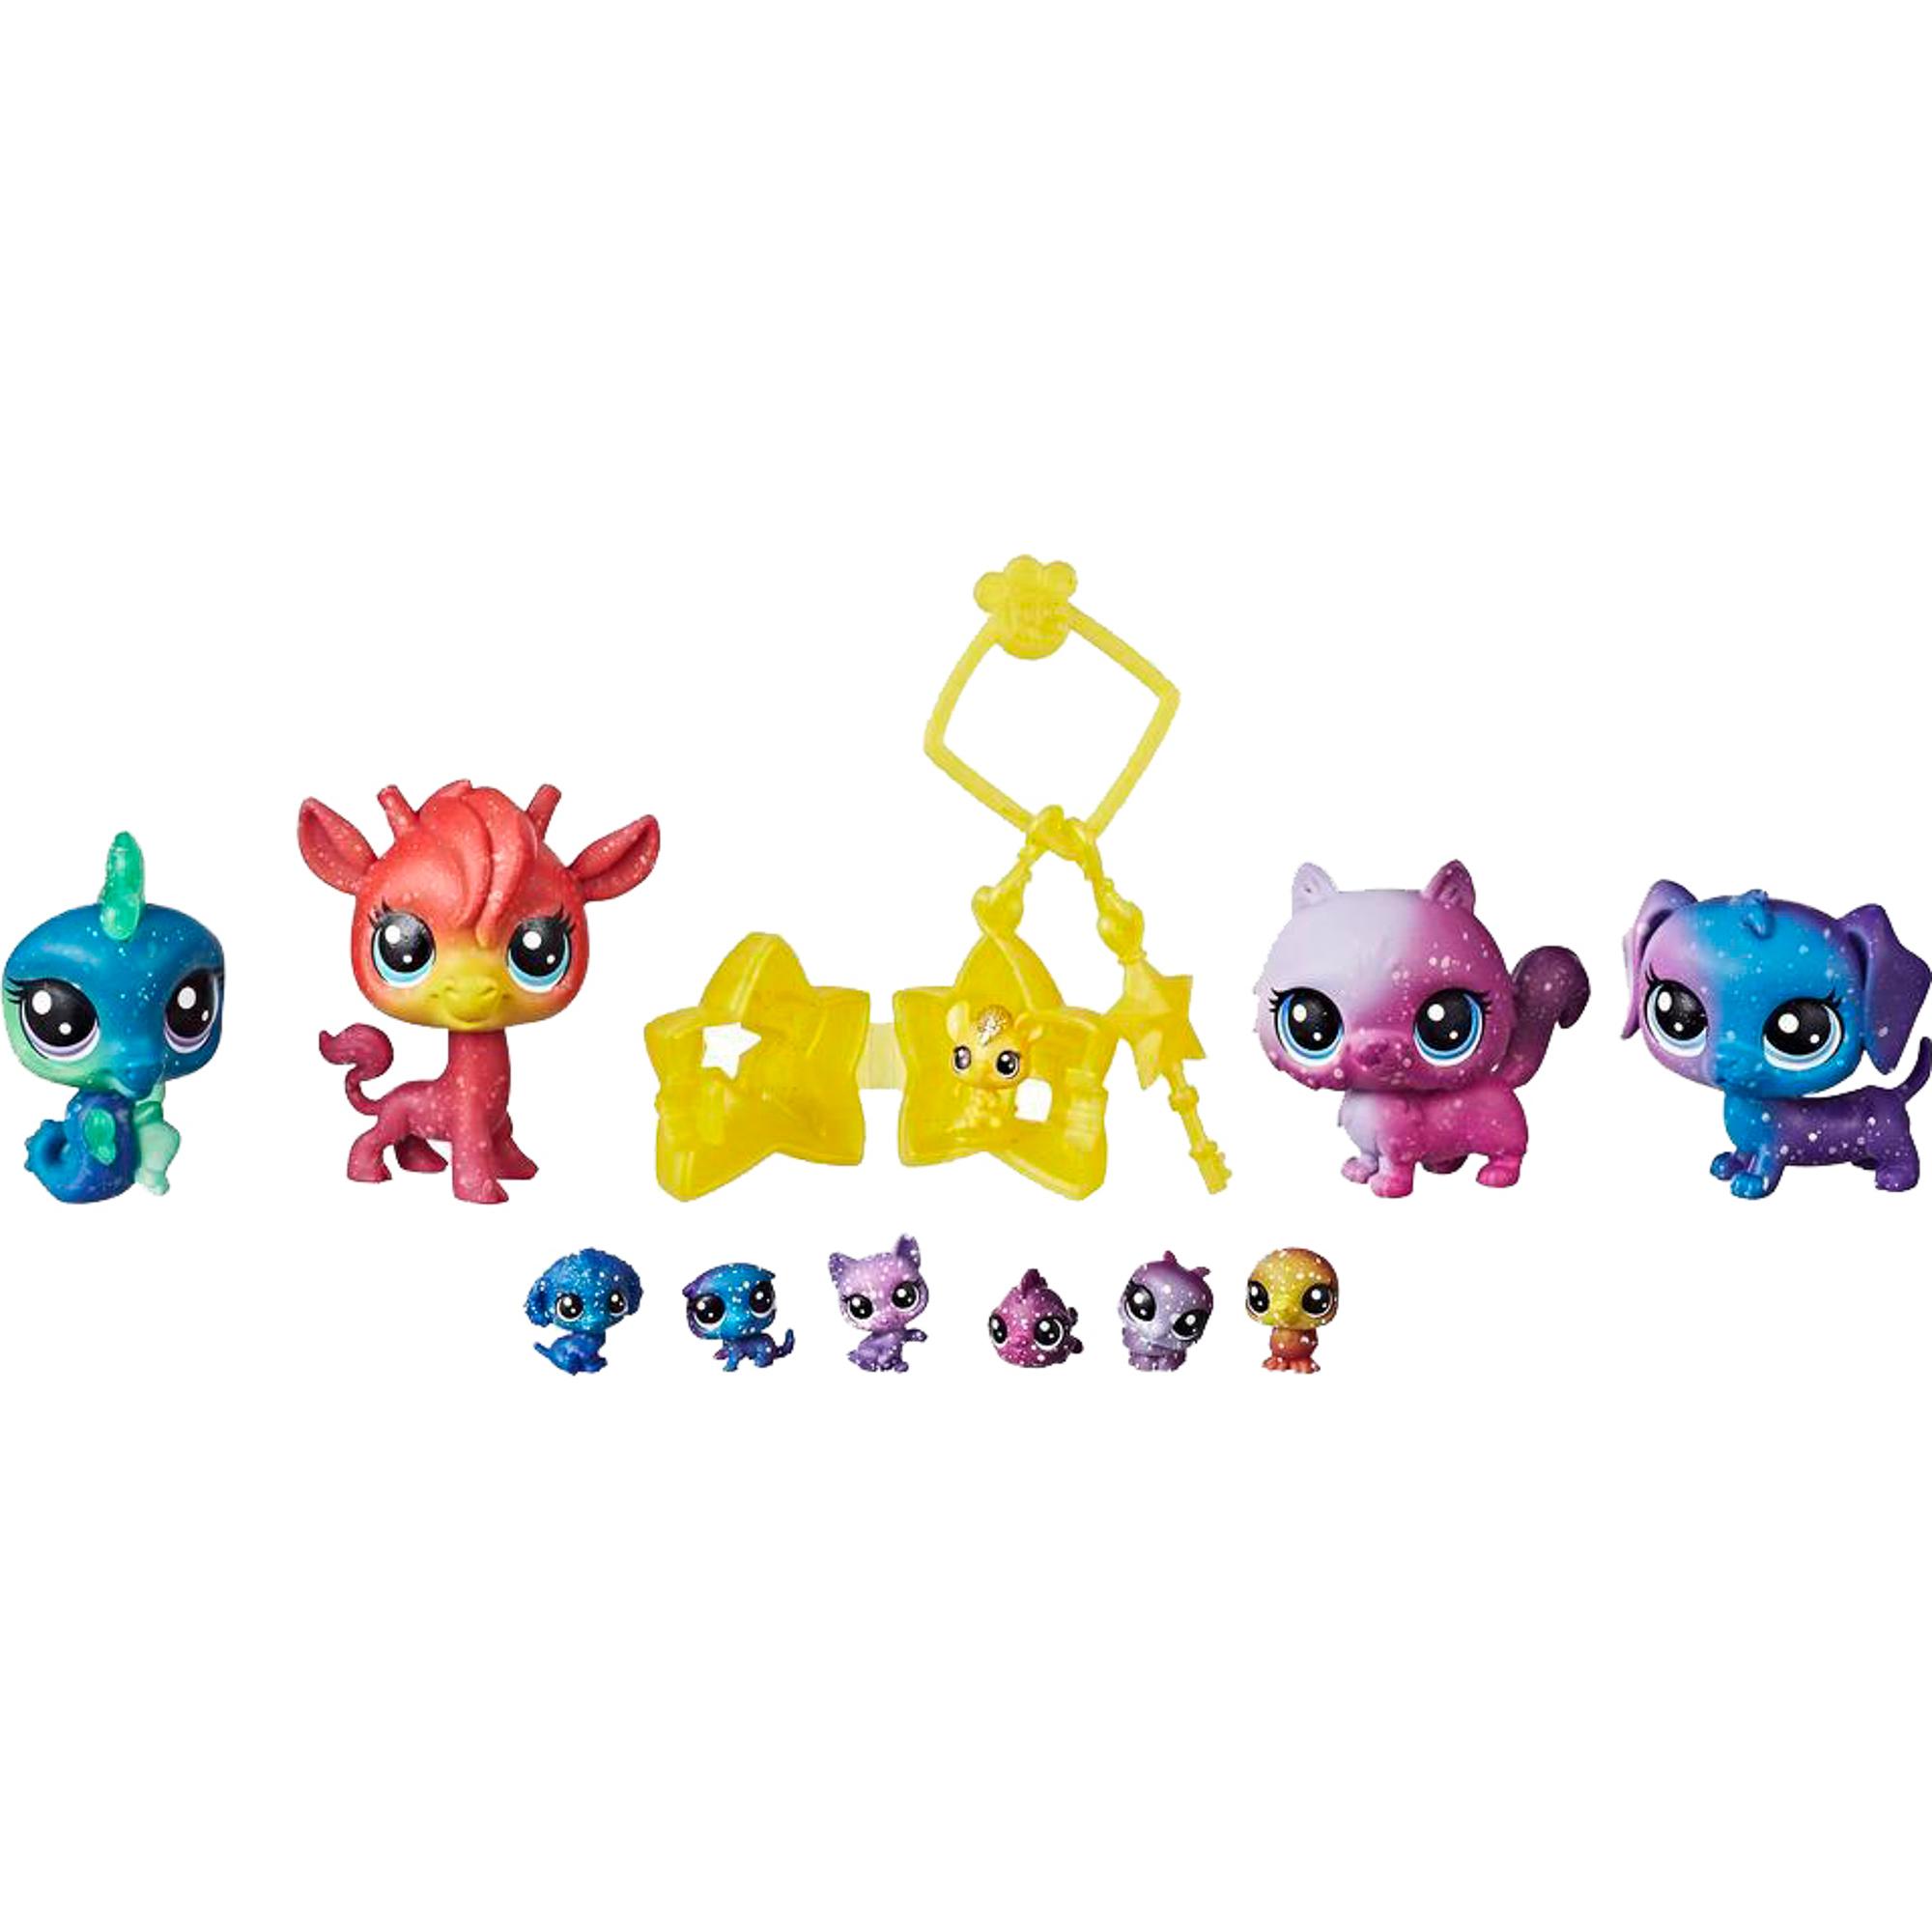 Игровой набор Hasbro Littlest Pet Shop 11 космических Петов